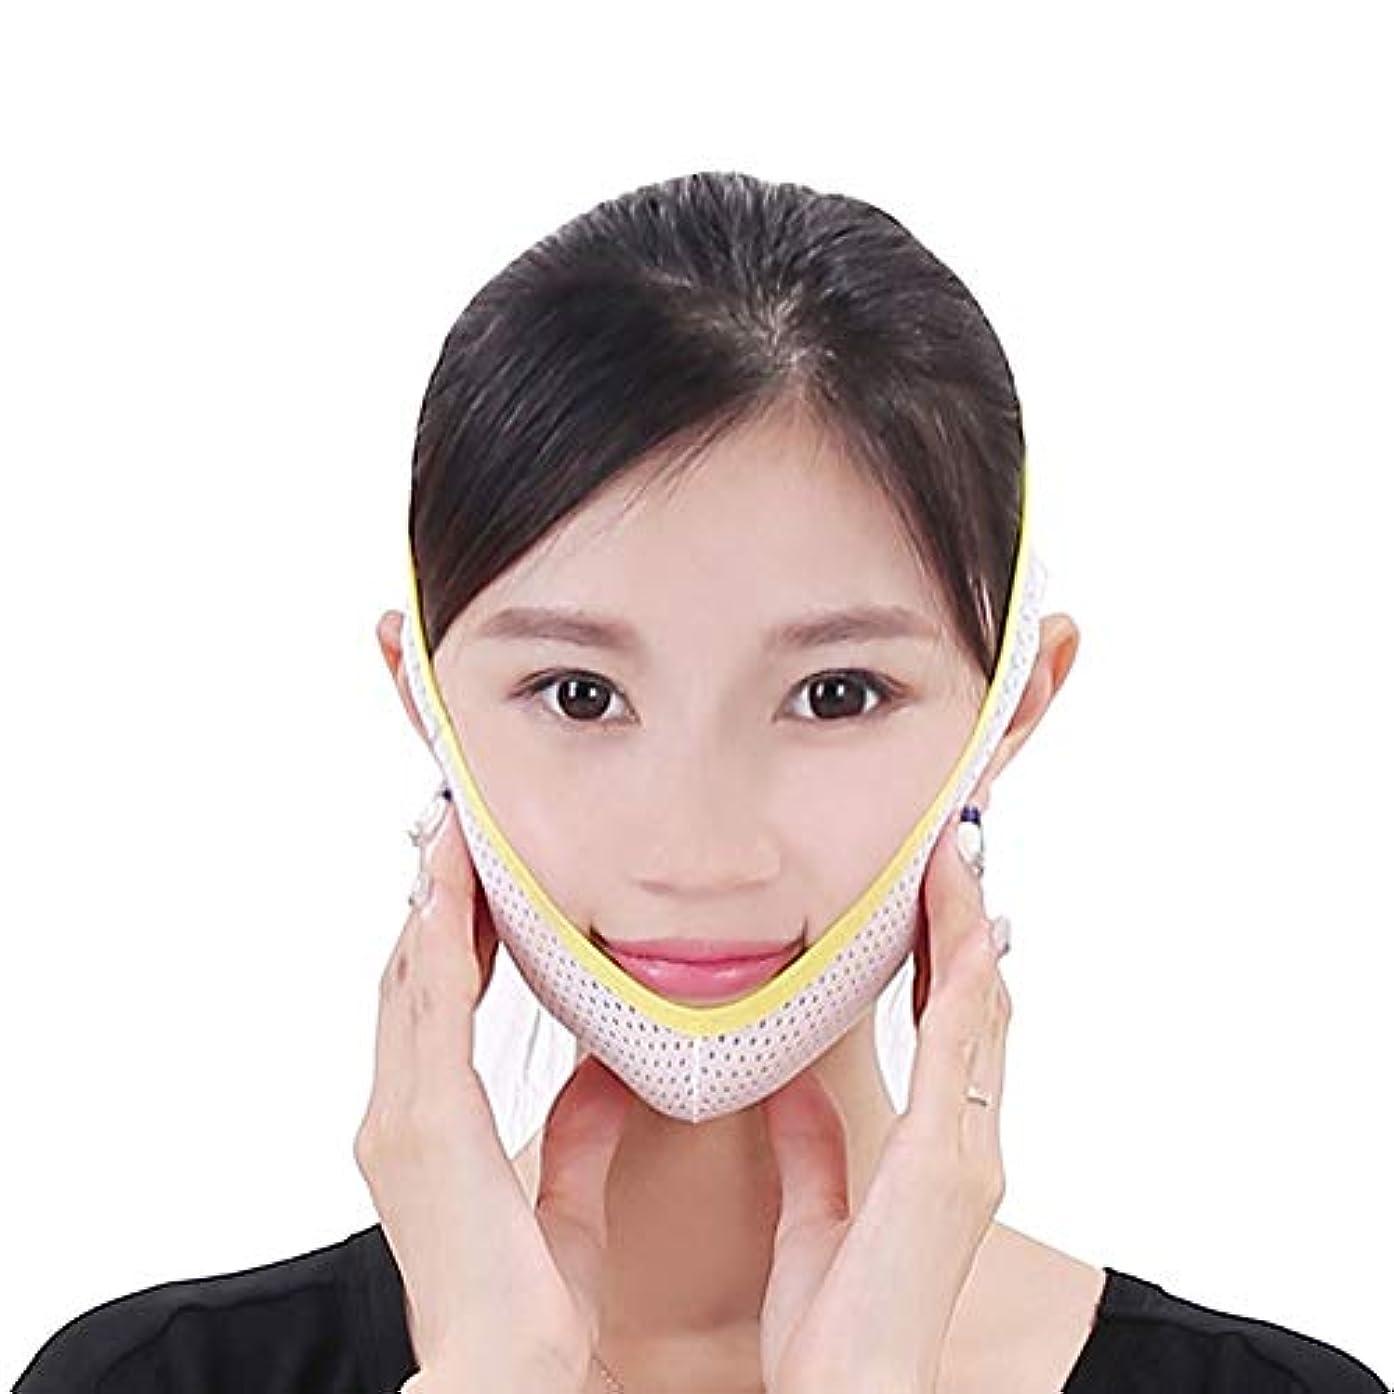 汚染された感度味付けGYZ フェイスリフティングマスクVフェイスリフティングシェーピング修正フェイスリフティング包帯ダブルチンフェイスリフトアーティファクト睡眠夏 Thin Face Belt